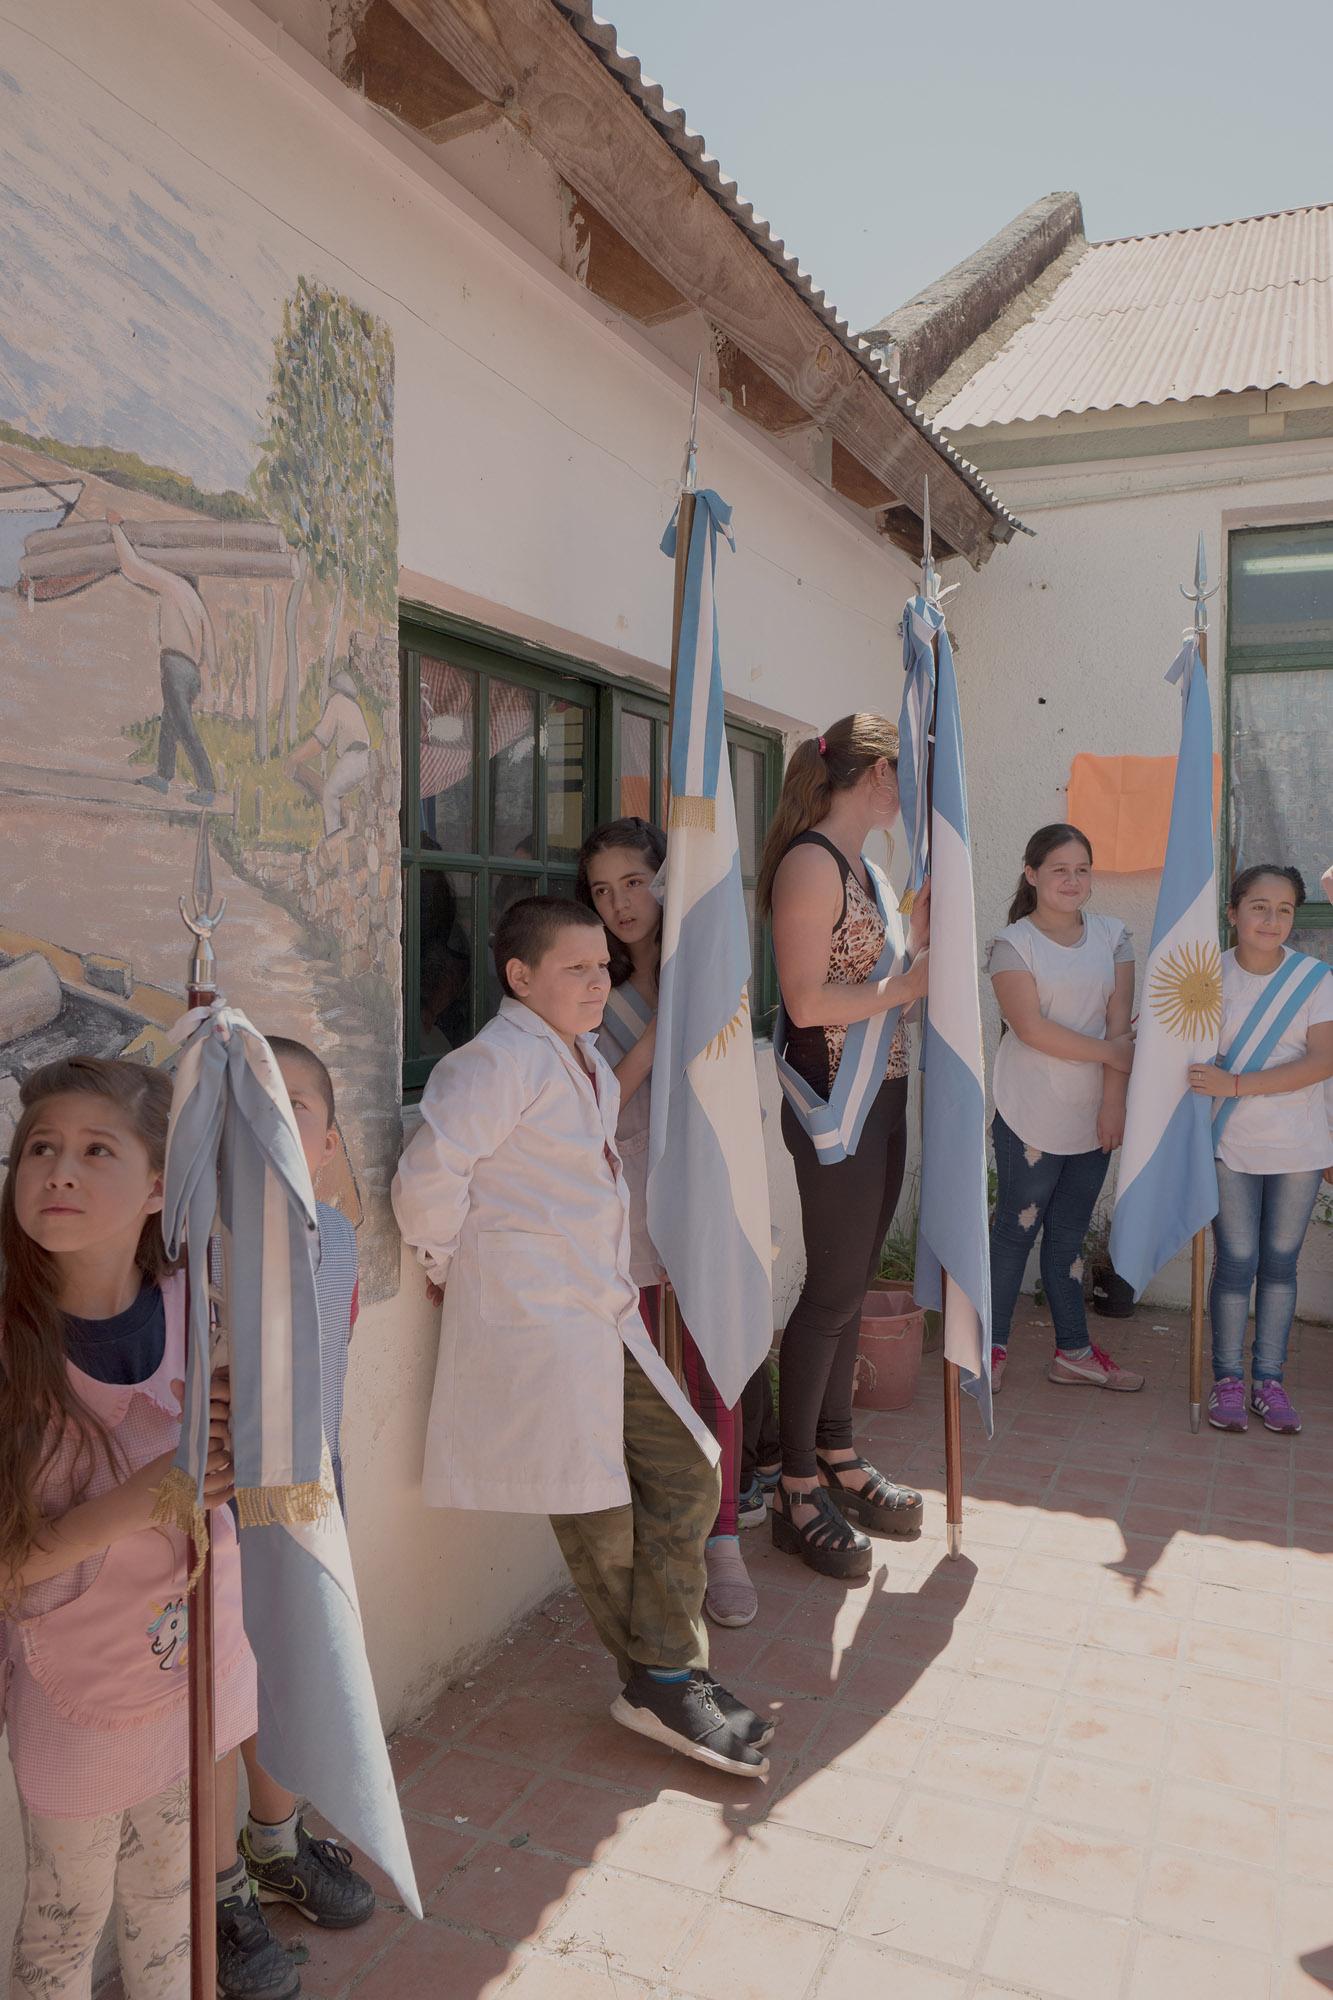 Rosa Lacavalla Voy Cerrando Los Ojos Anhelando Verte Otra Vez C41 Submission 6